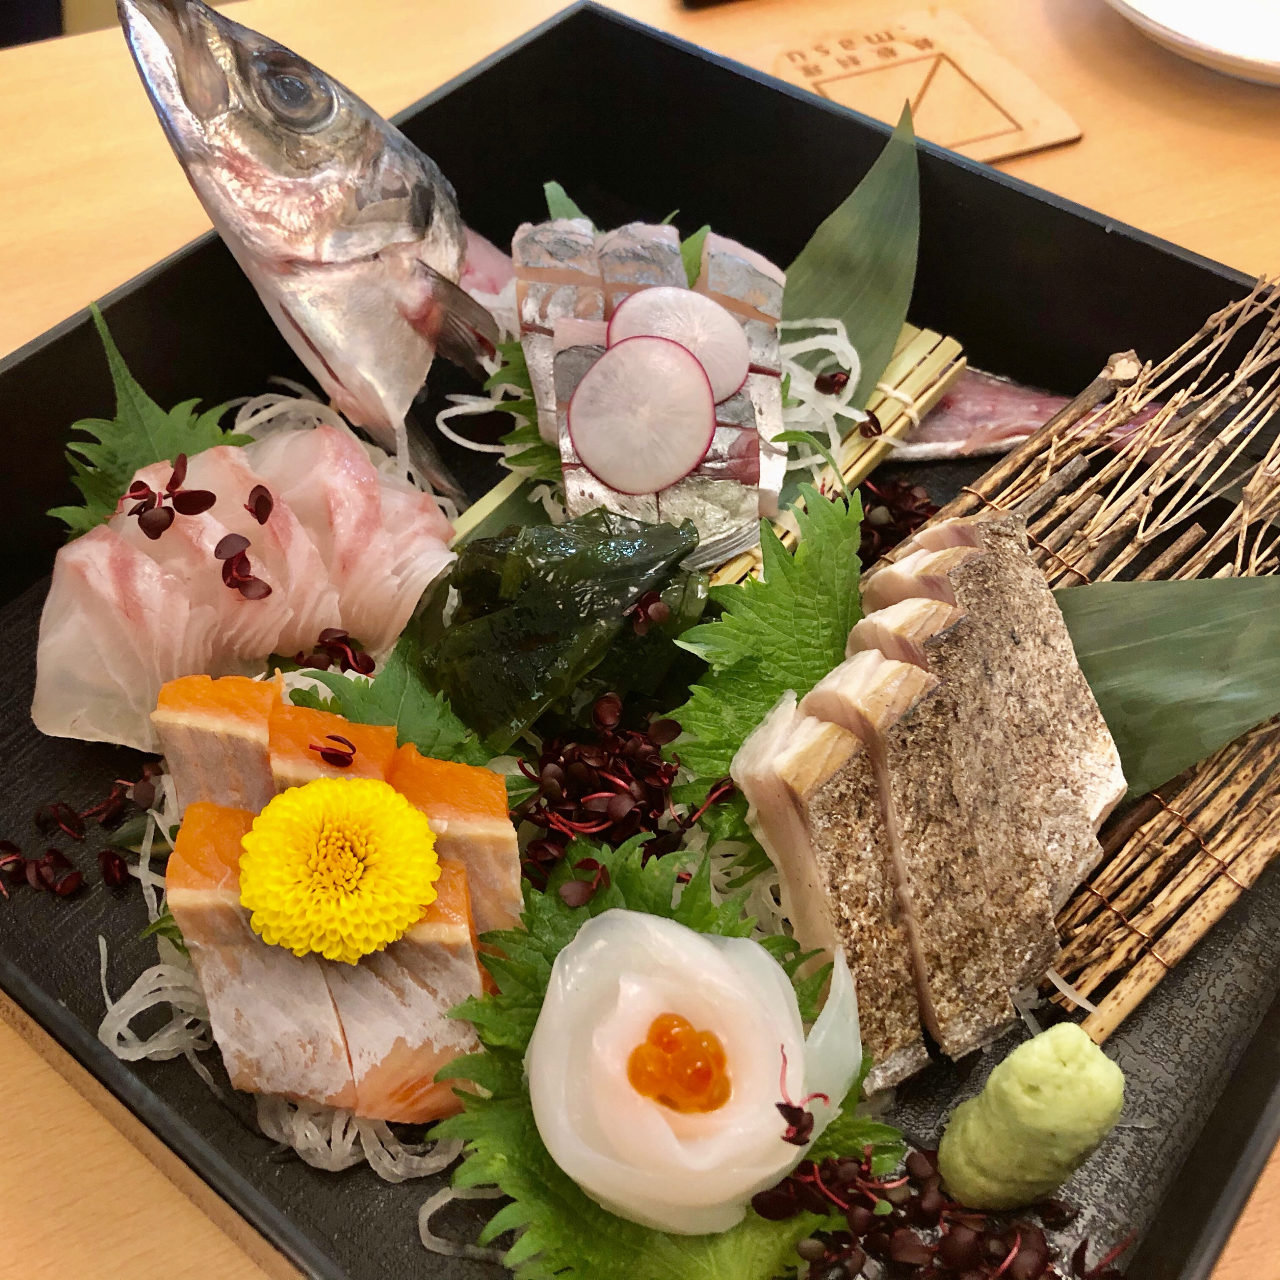 鮮魚を使った料理もおすすめ◎